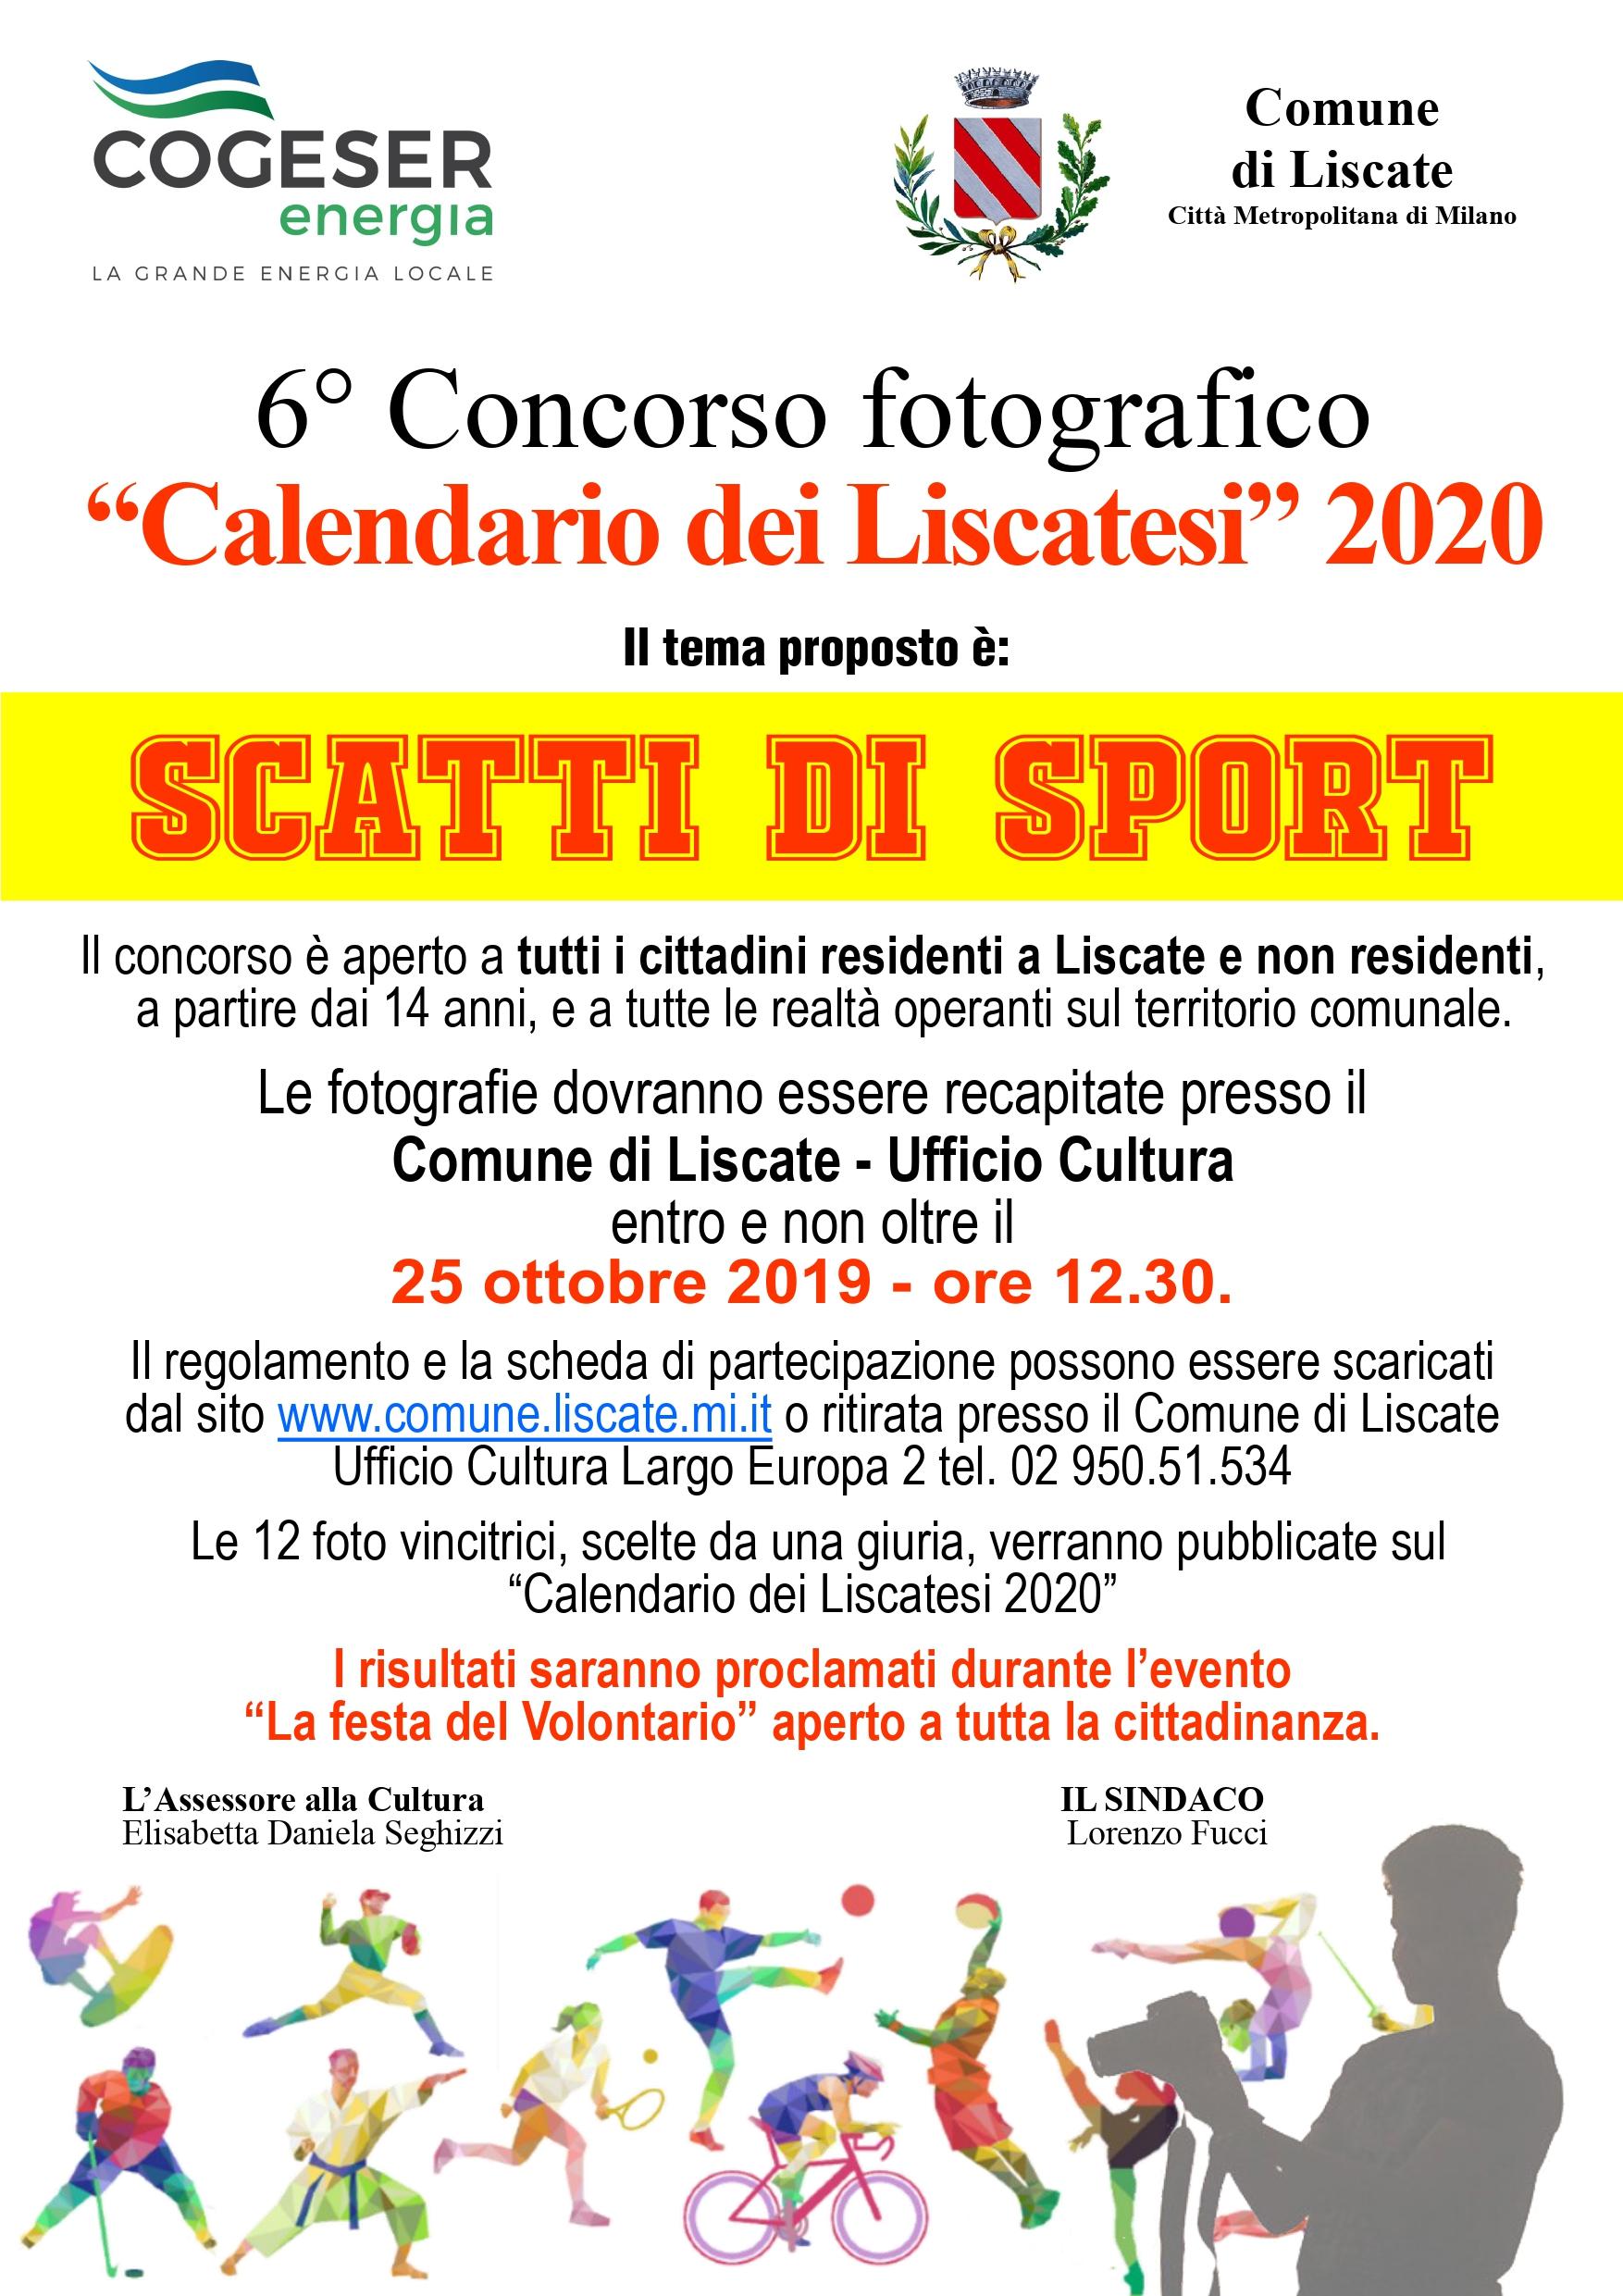 Anno Calendario 2020.6 Concorso Fotografico Il Calendario Dei Liscatesi Anno